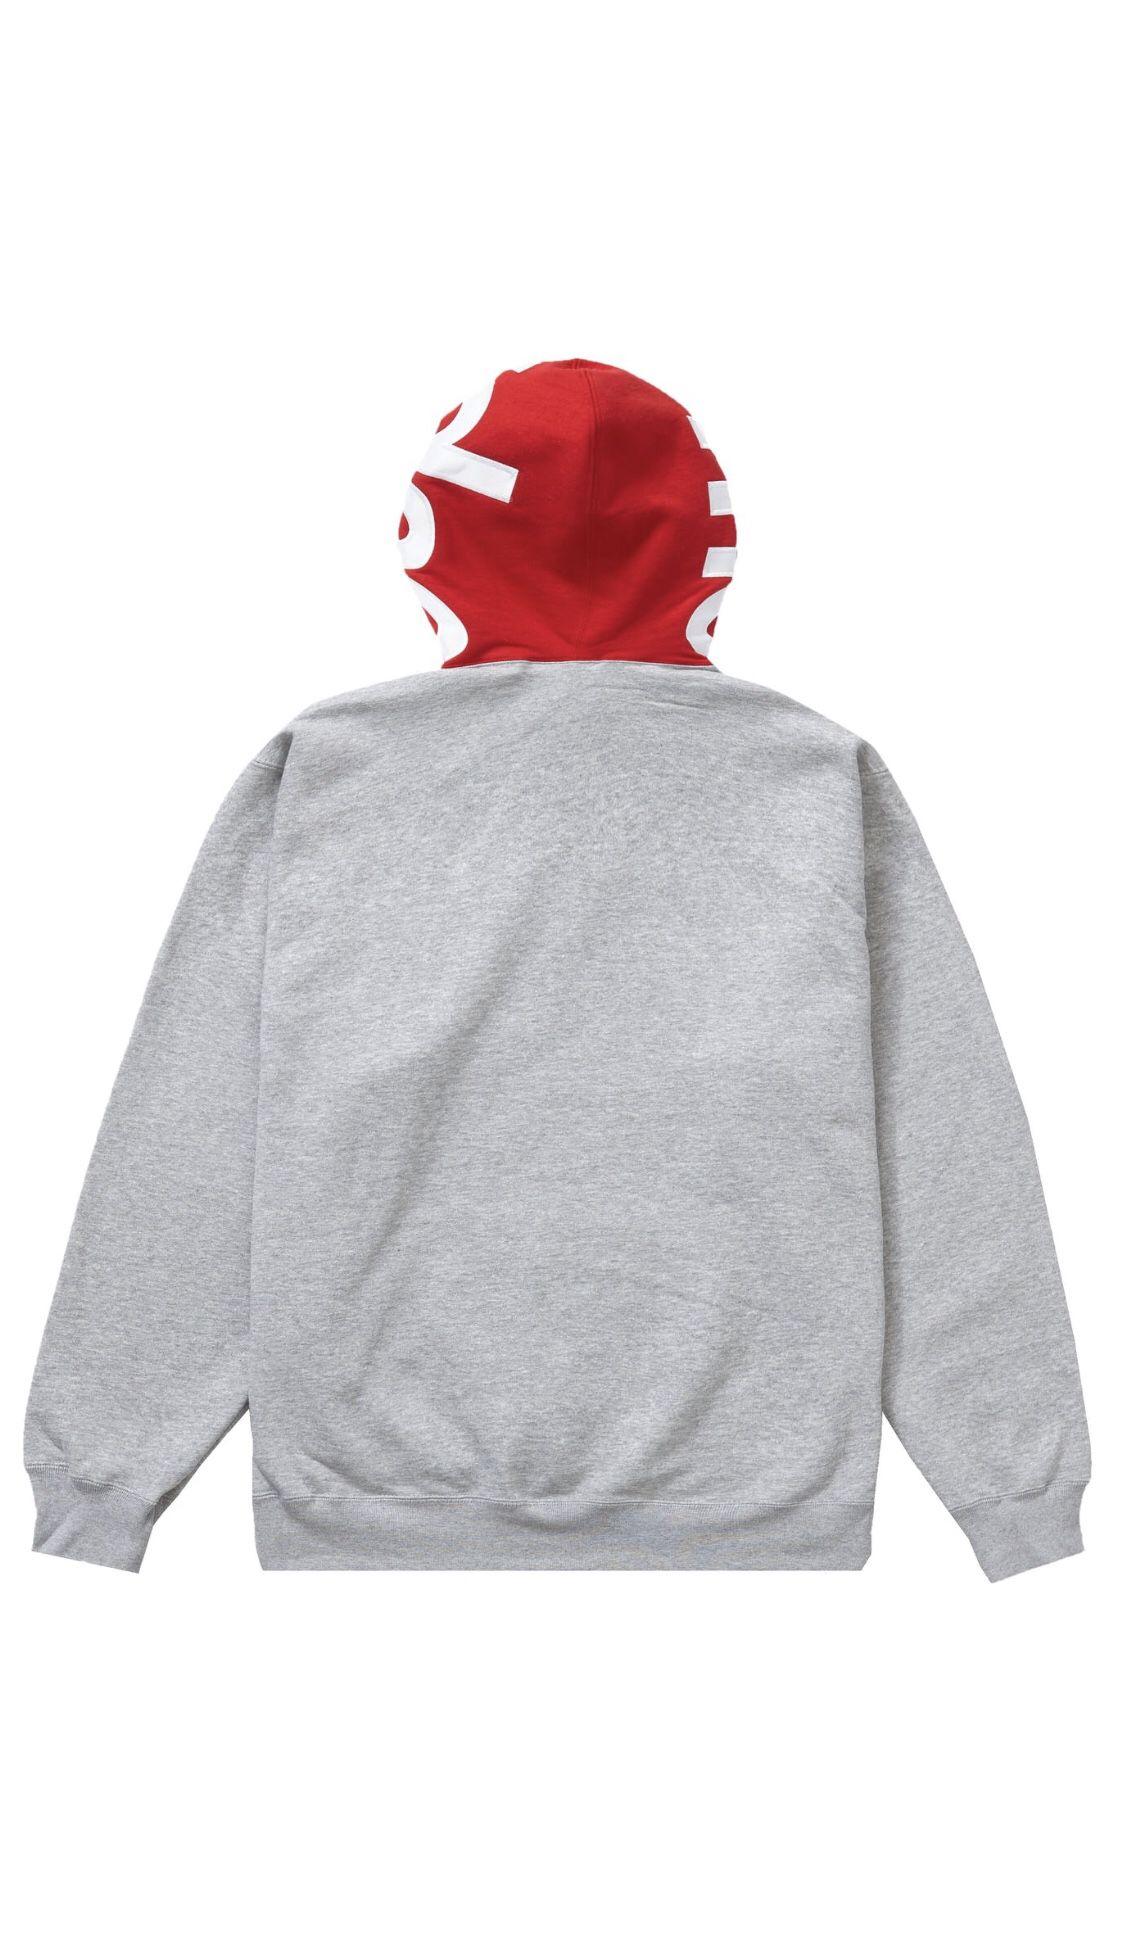 Supreme Contrast Hooded Sweatshirt Hoodies Heather Grey Size XL